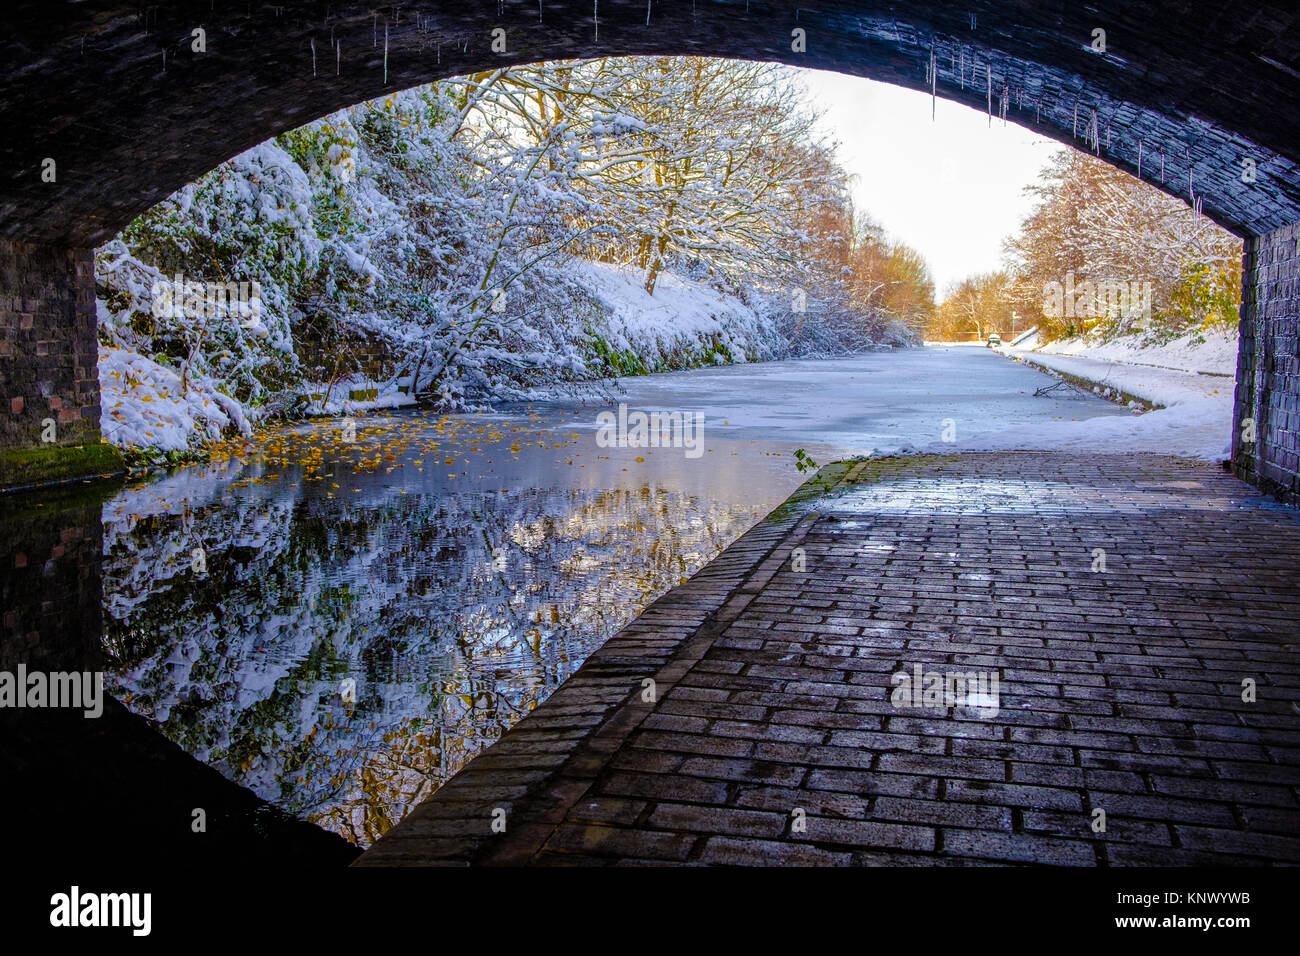 Vista de Birmingham congelado canal bajo un puente Imagen De Stock